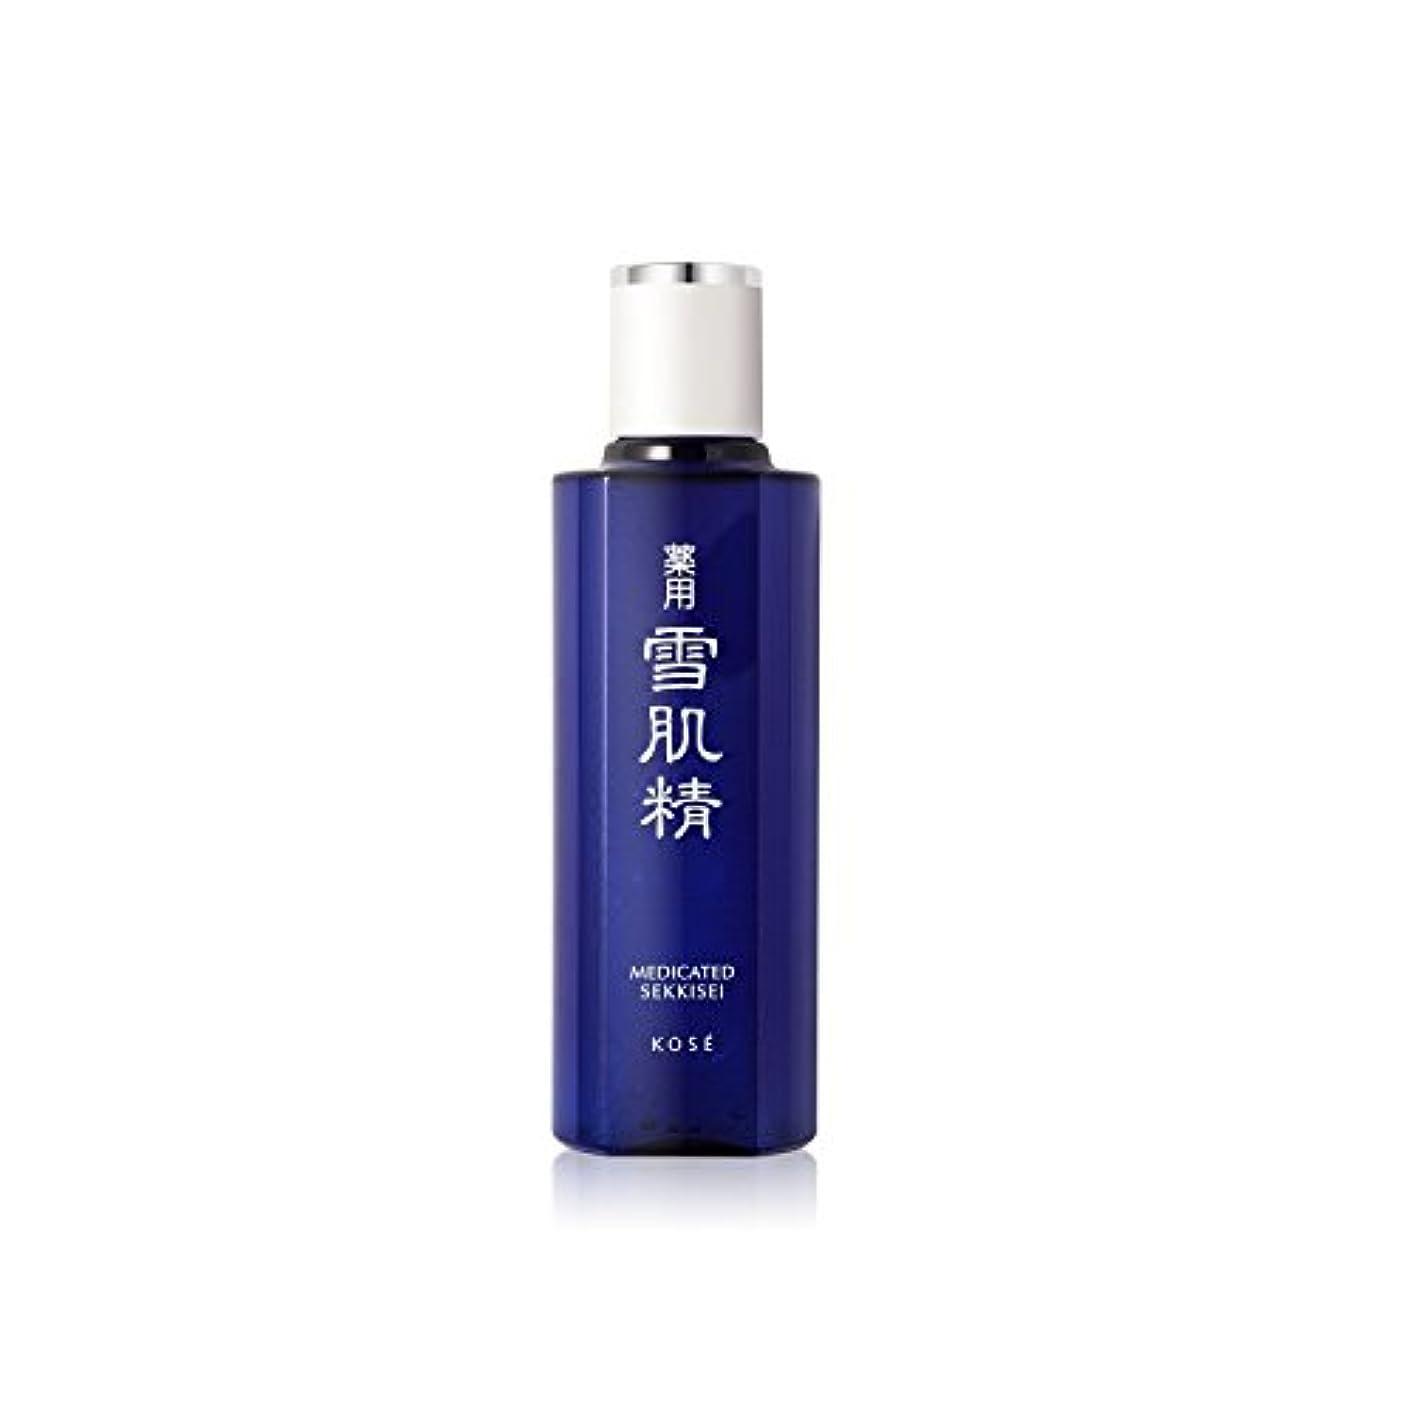 告白するチャンピオン航空雪肌精 化粧水 エンリッチ 200ml [医薬部外品]